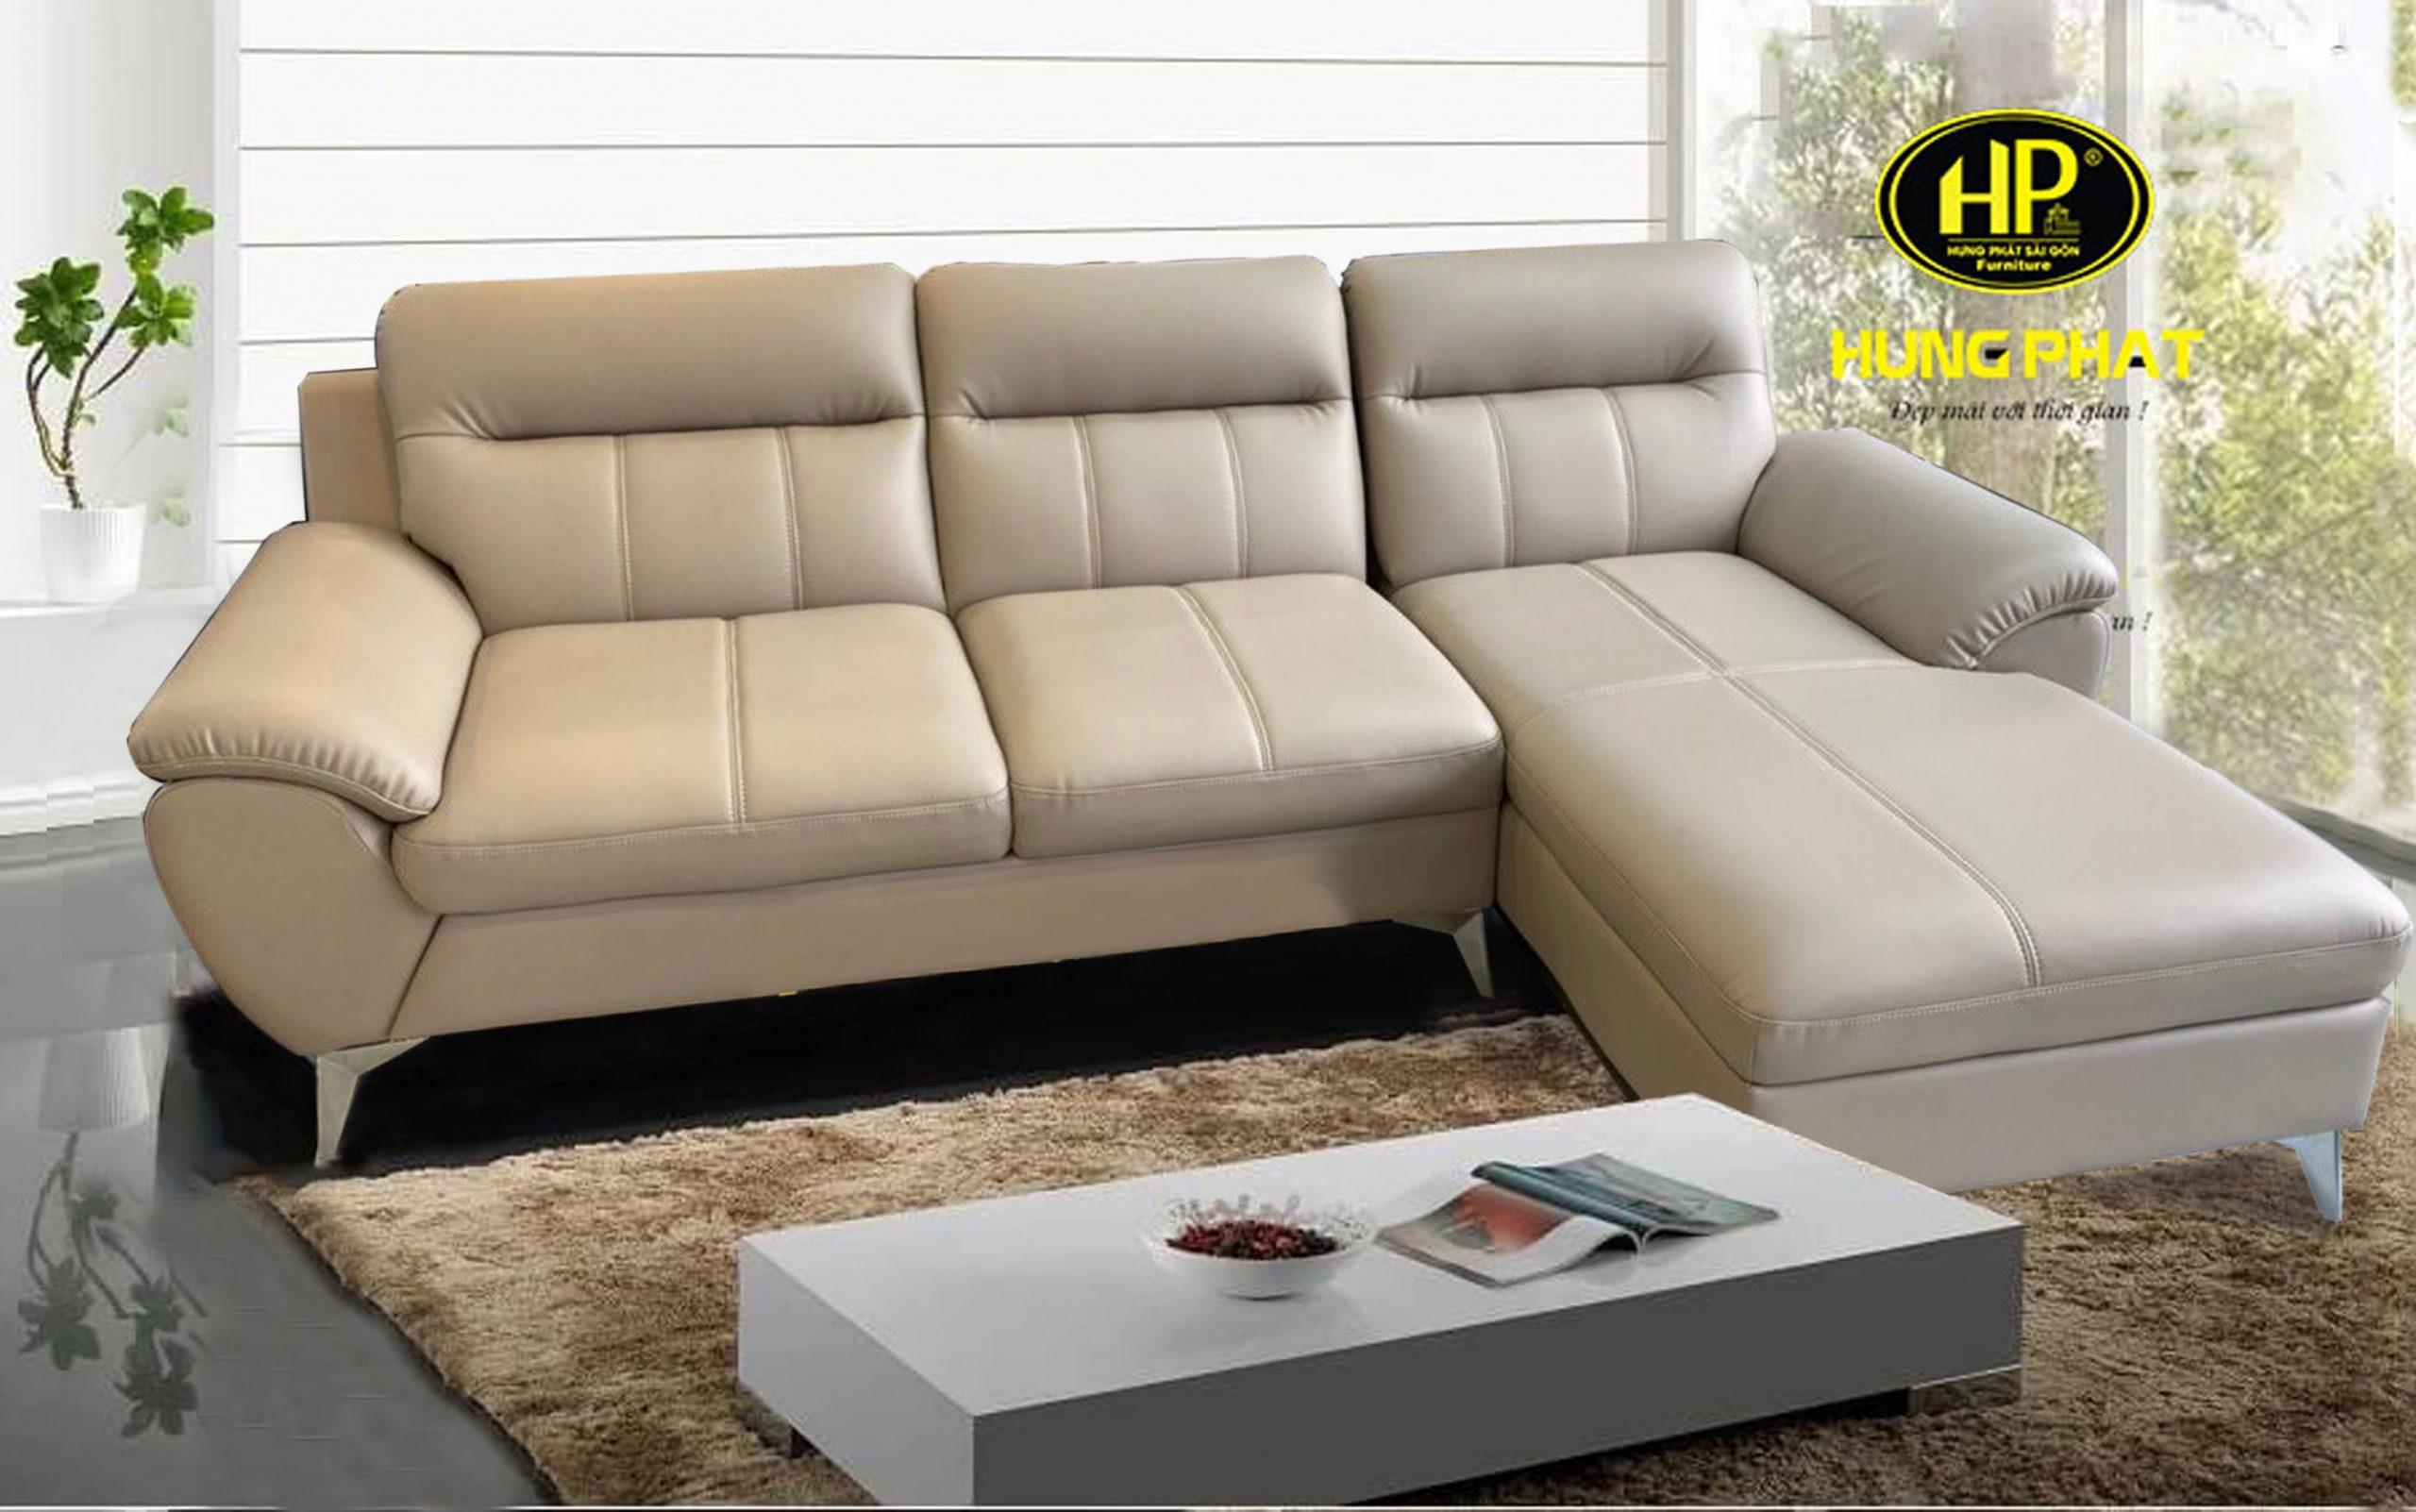 sofa da hiện đại HD-54